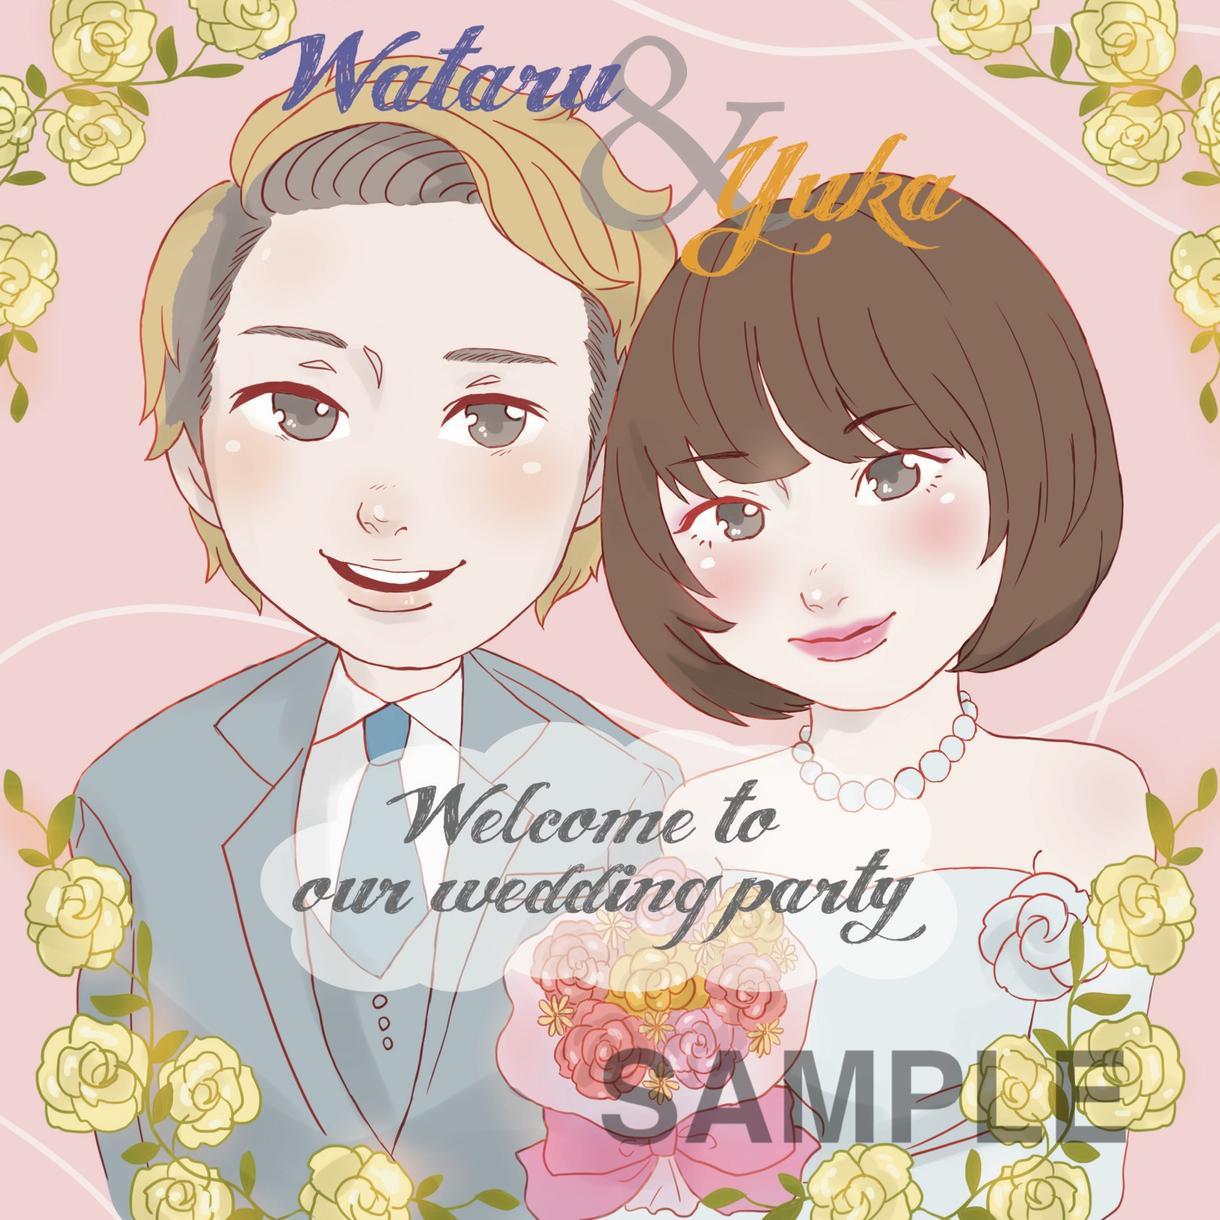 結婚式のウェルカムボードを制作致します 友人の結婚式やご自身の結婚式などにぜひ!